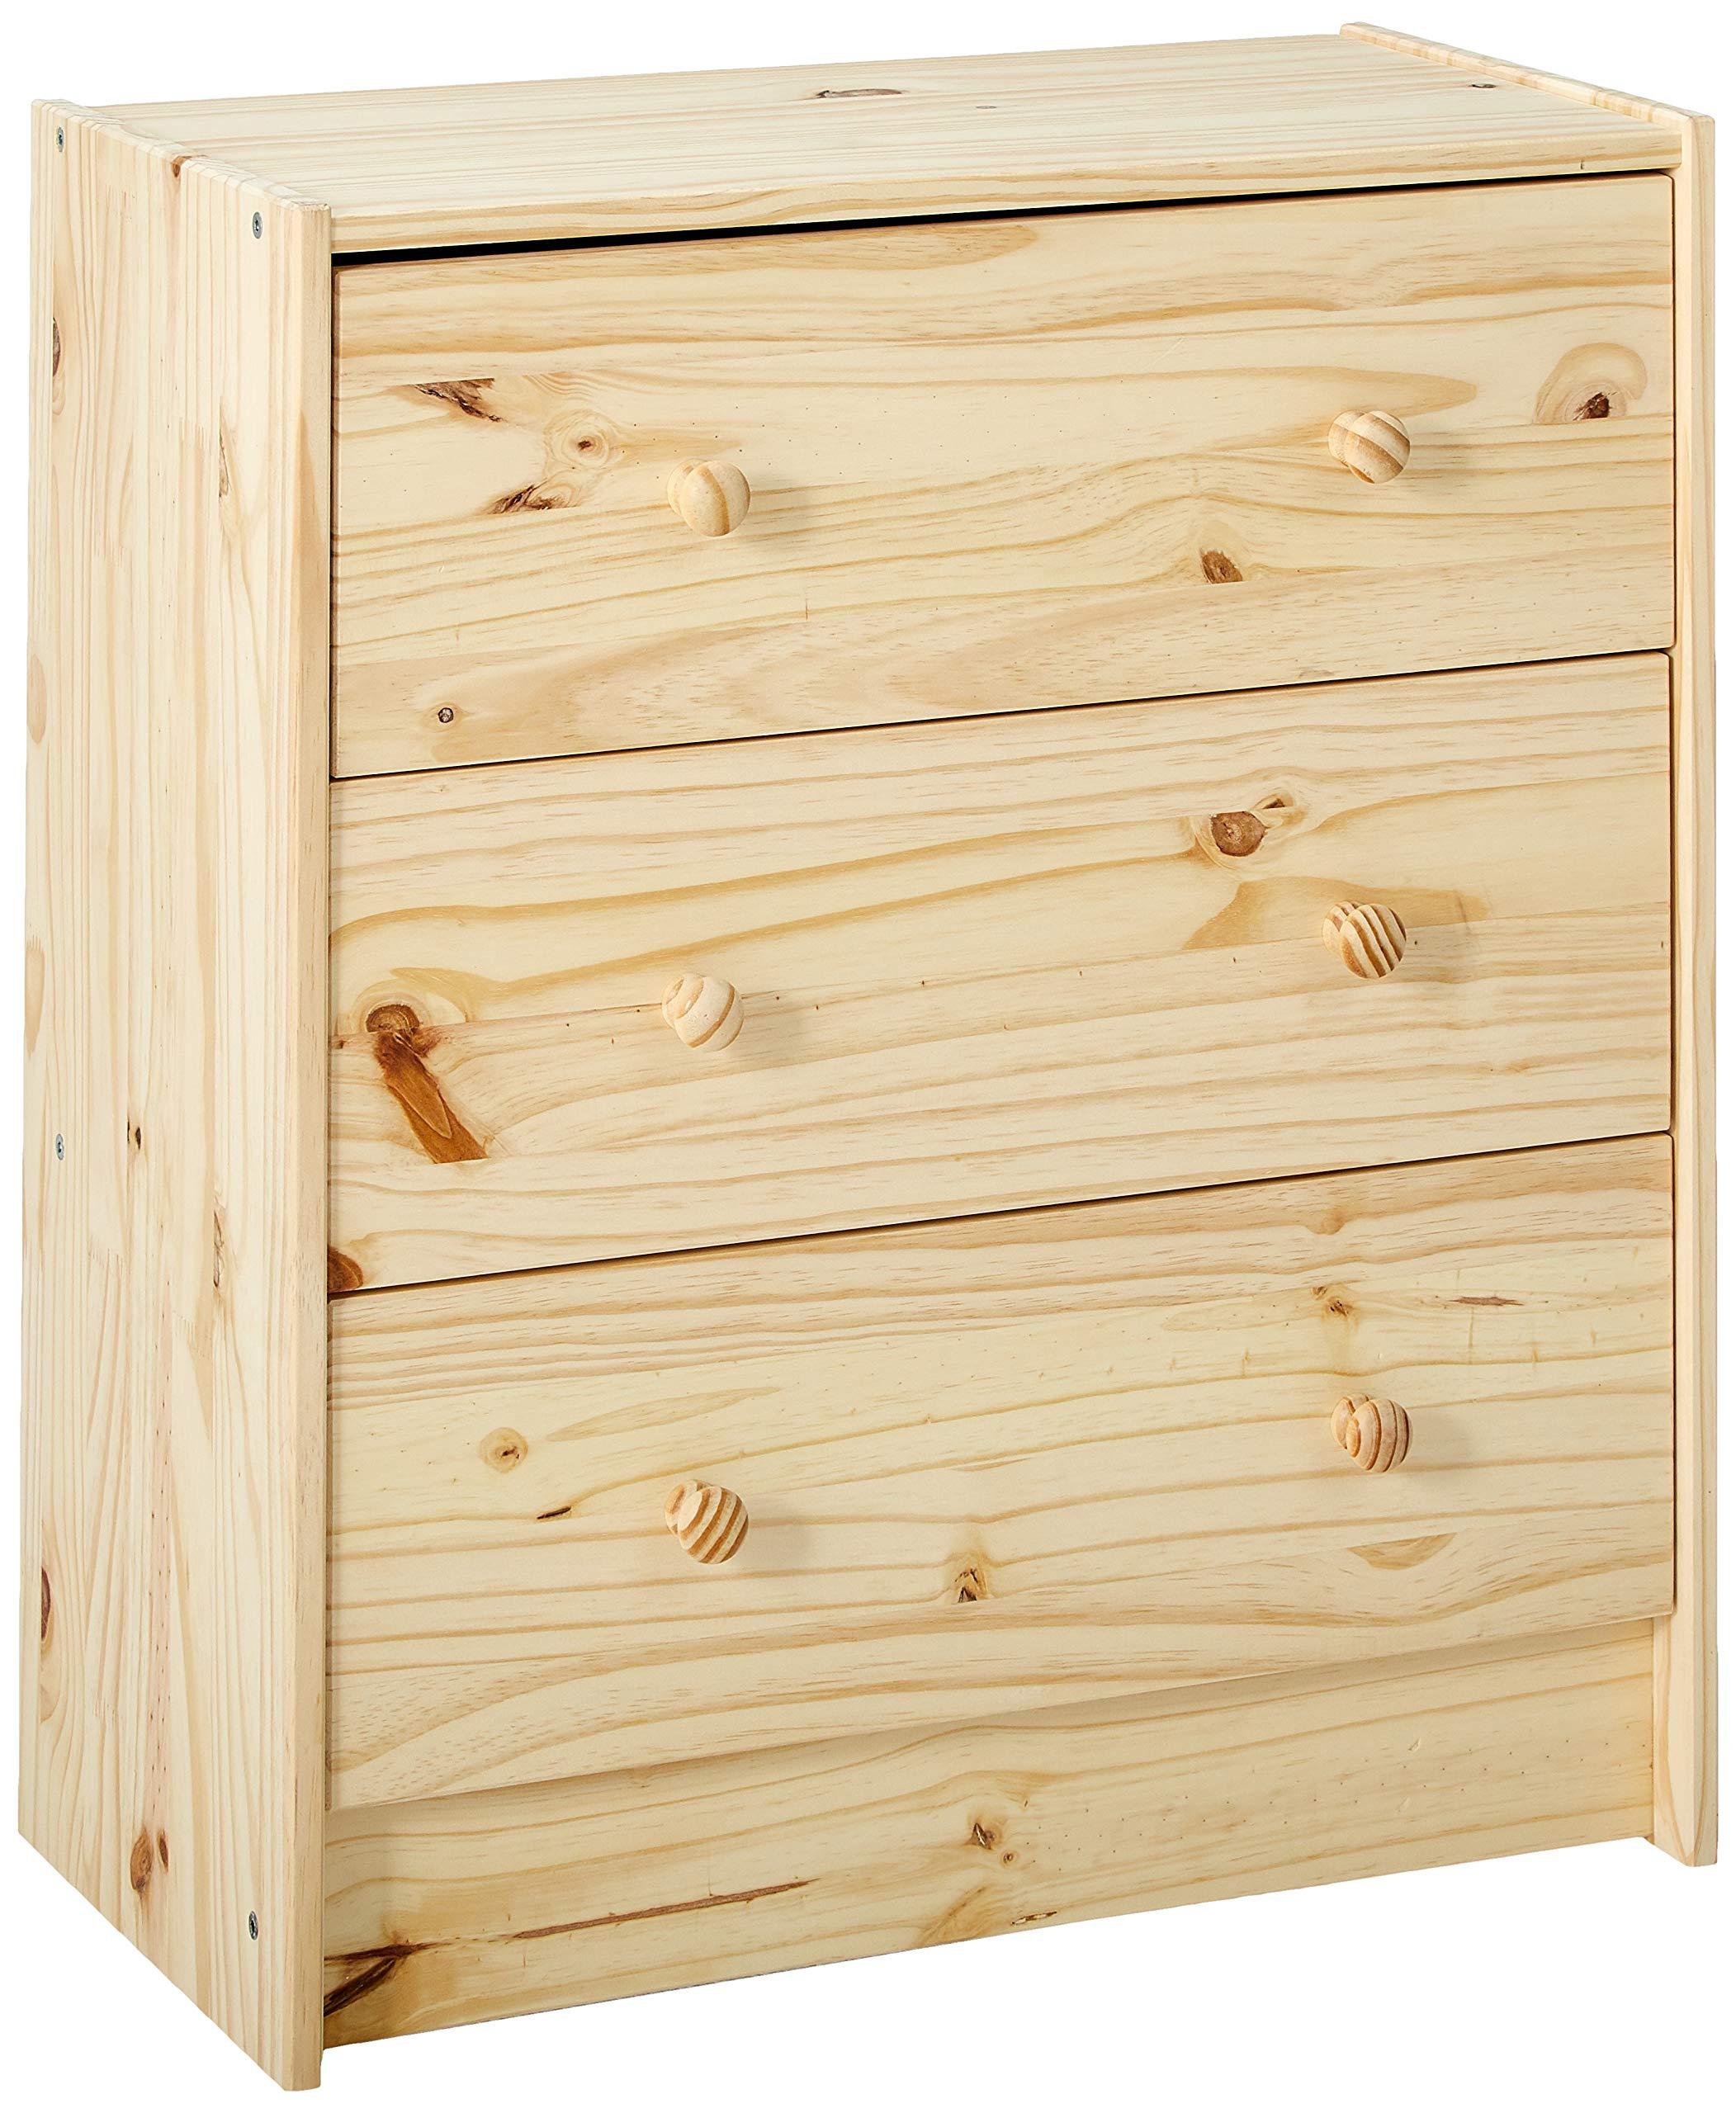 IKEA RAST 753.057.09 Dresser, Wood Color by IKEA